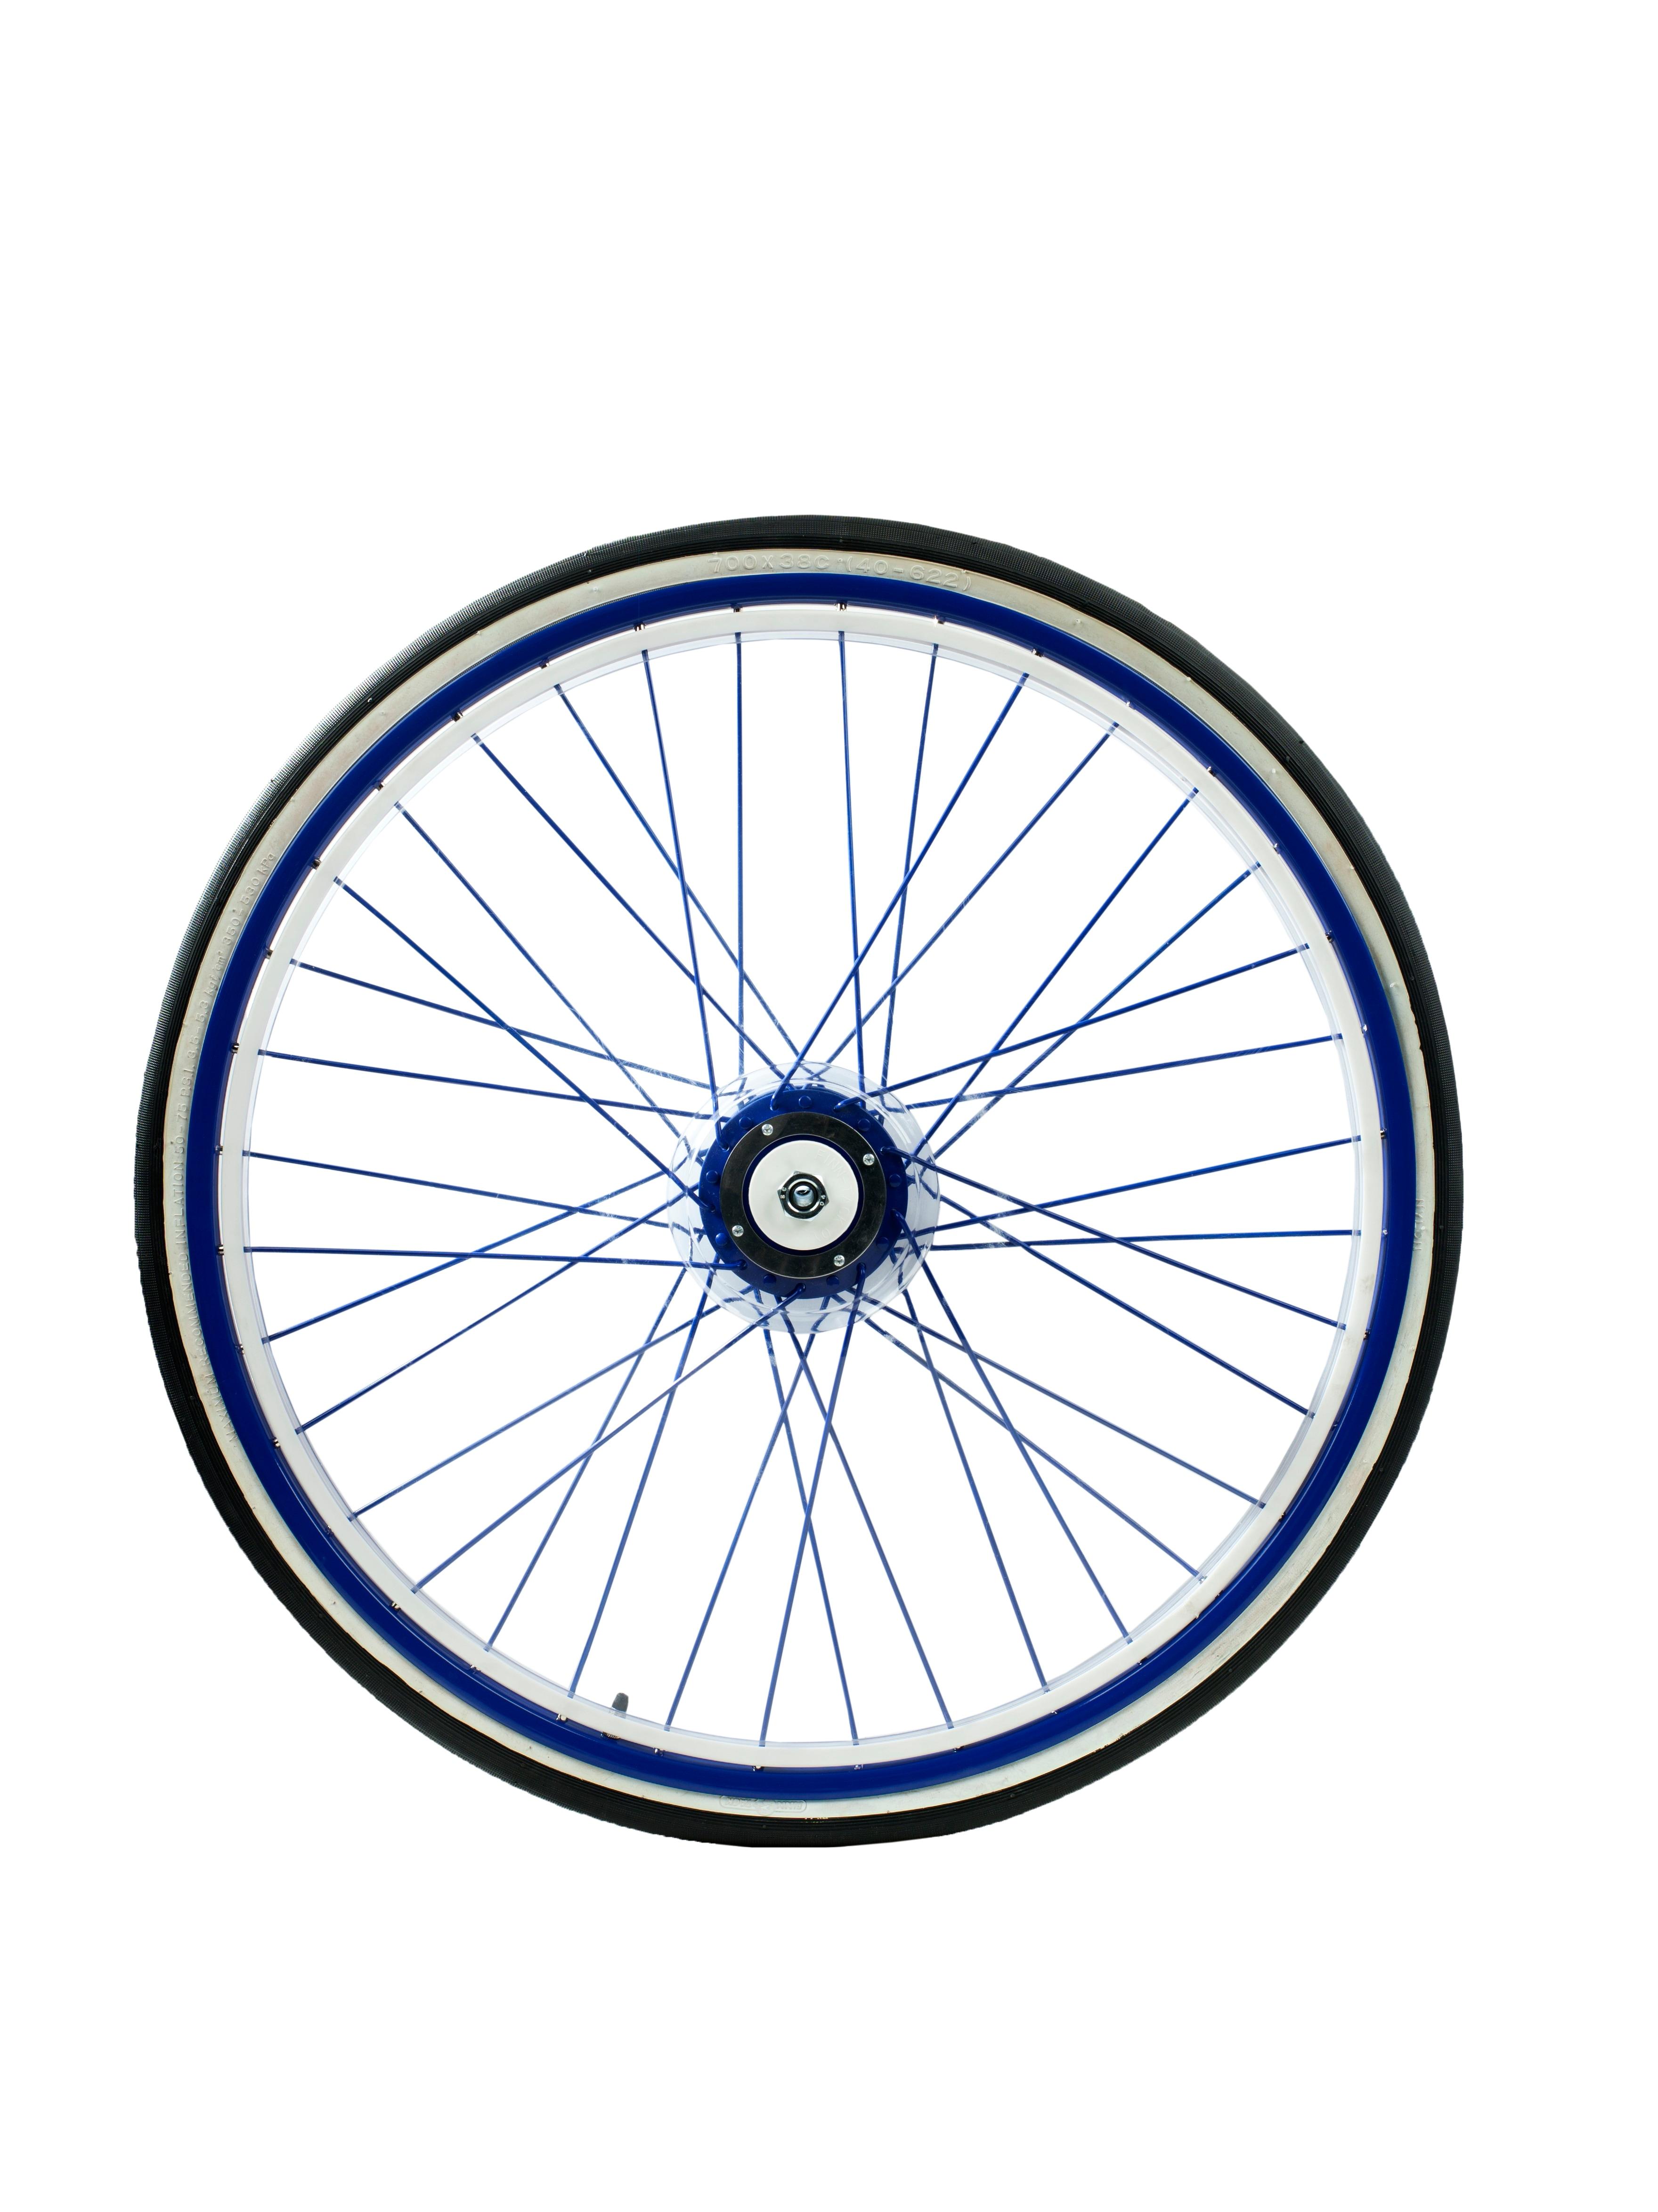 Finntack kilpakärryn rengas 28'', ruostumatonta terästä, värillisillä PVC-suojuksilla (myydään kappaleittain)